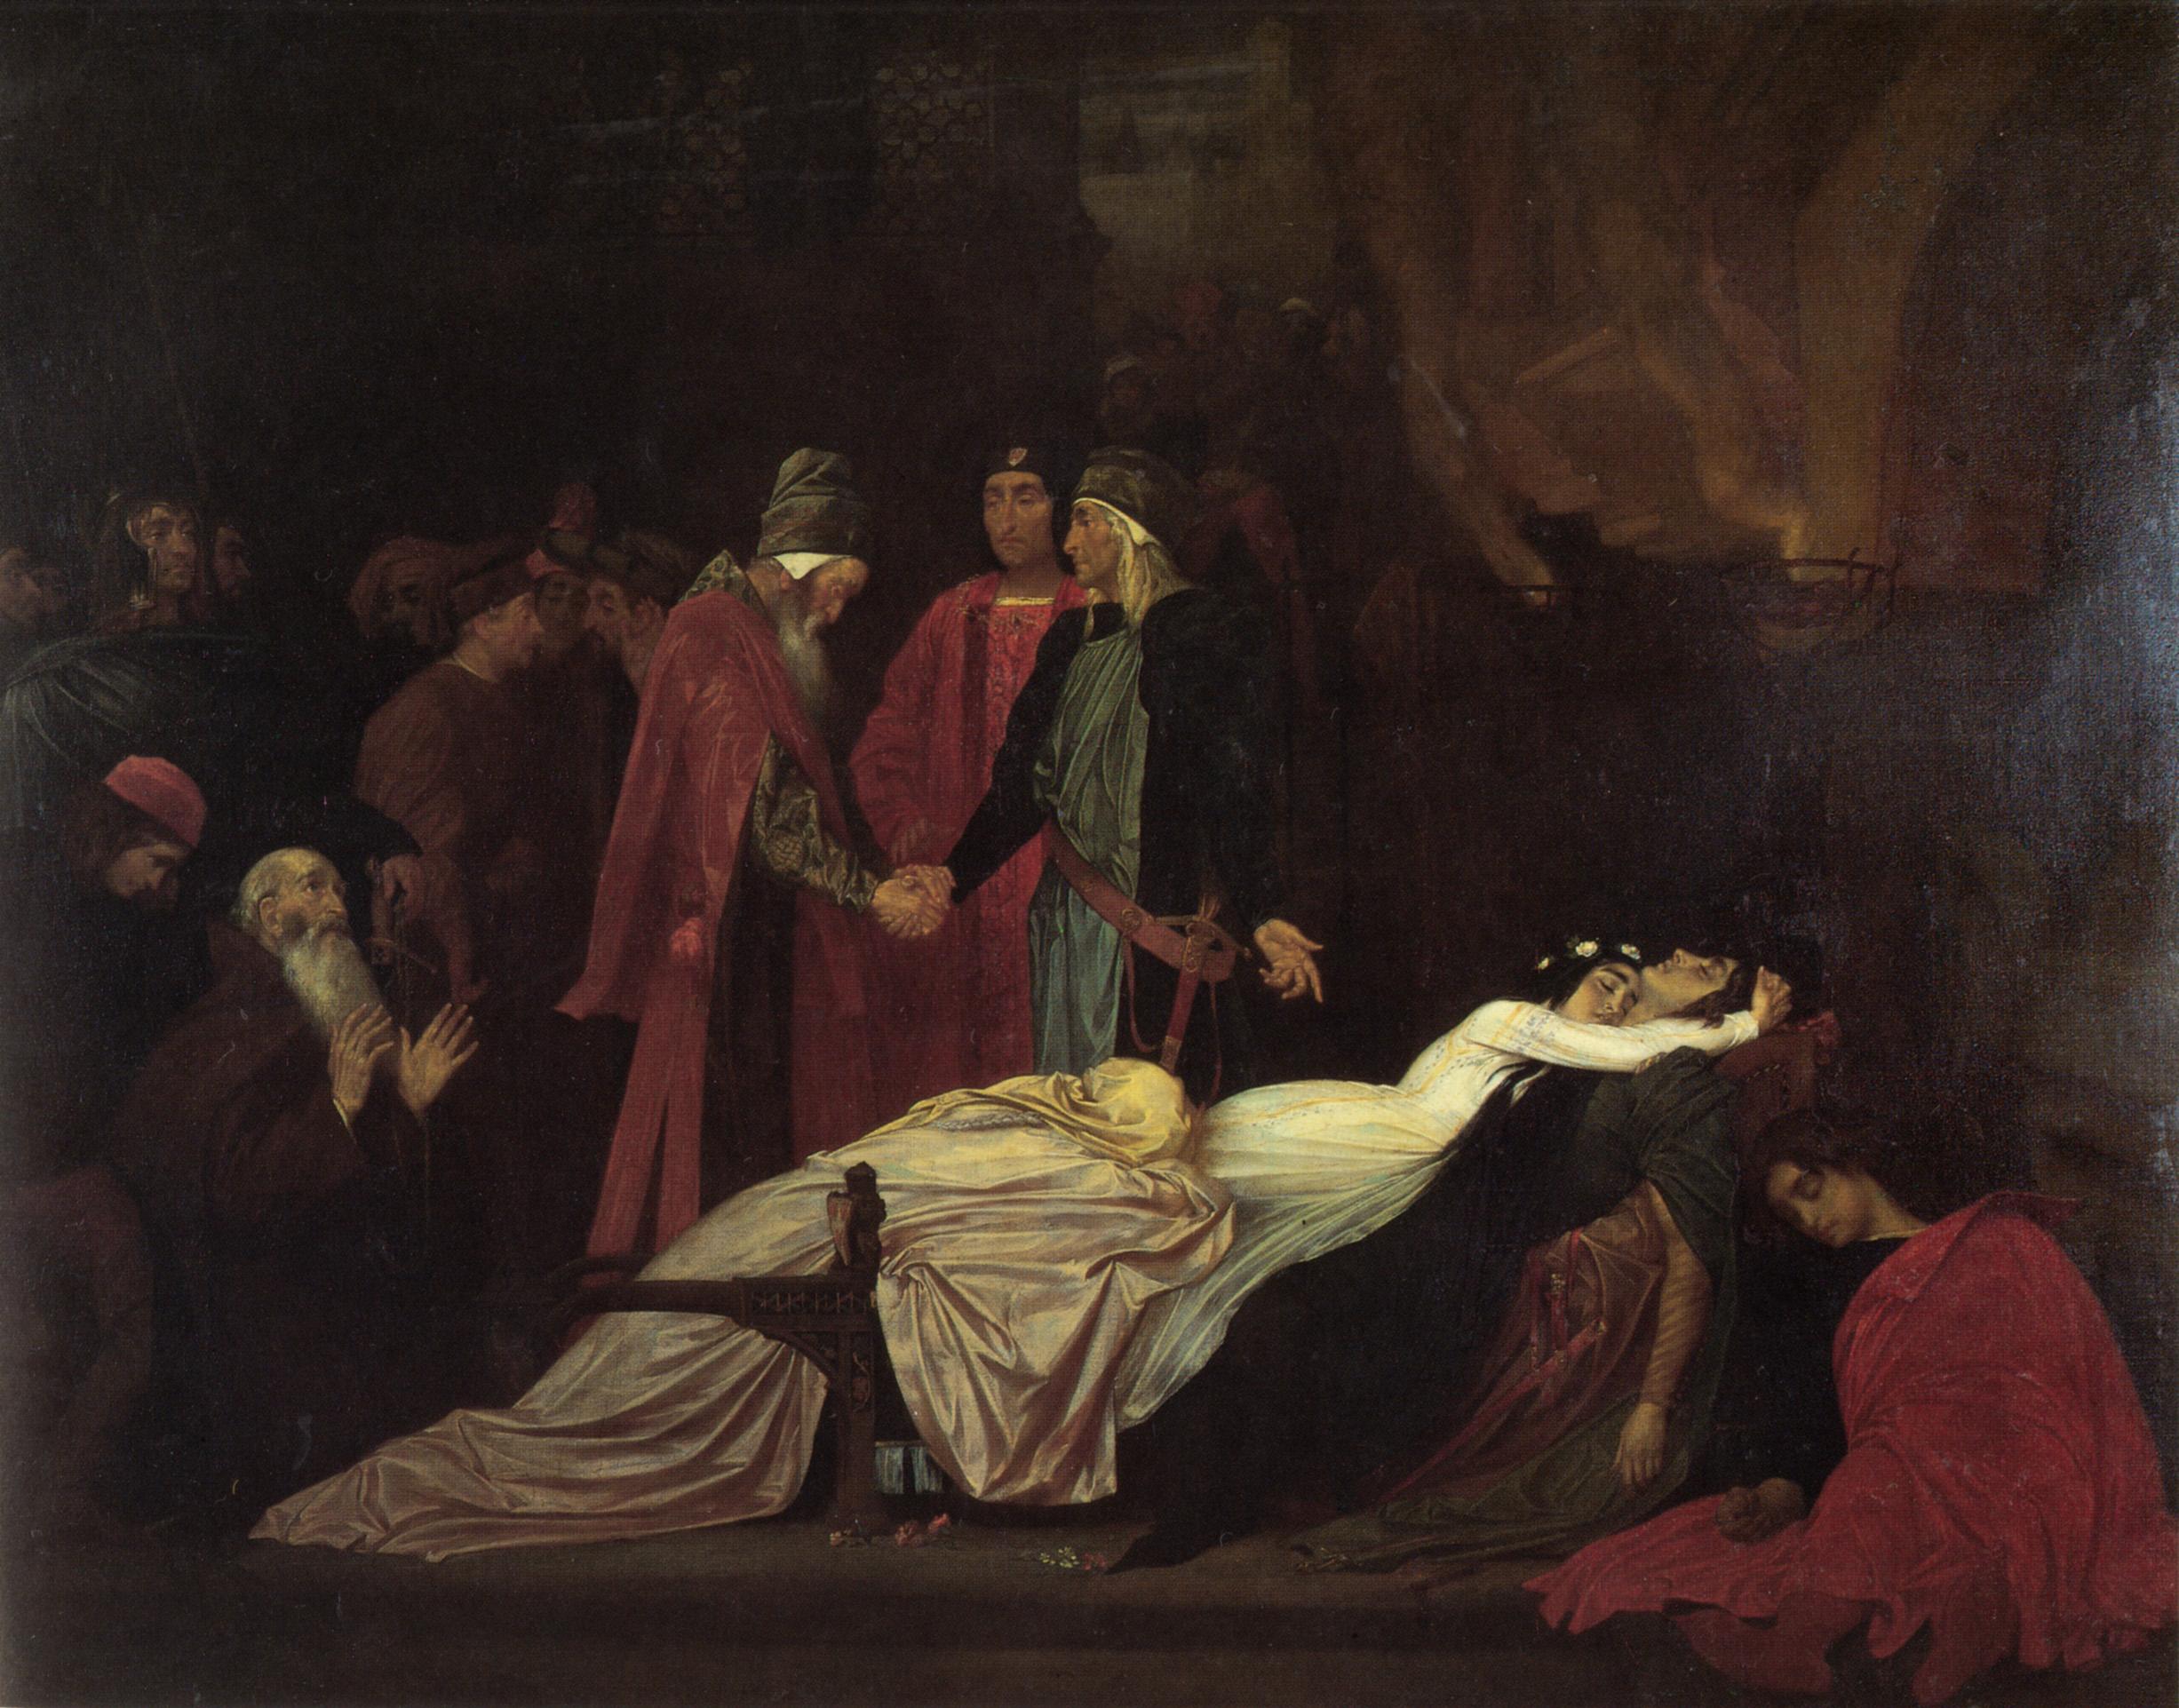 5. La reconciliación entre los Montesco y los Capuleto tras la muerte de Romeo y Julieta, Frederic Leighton, 1855